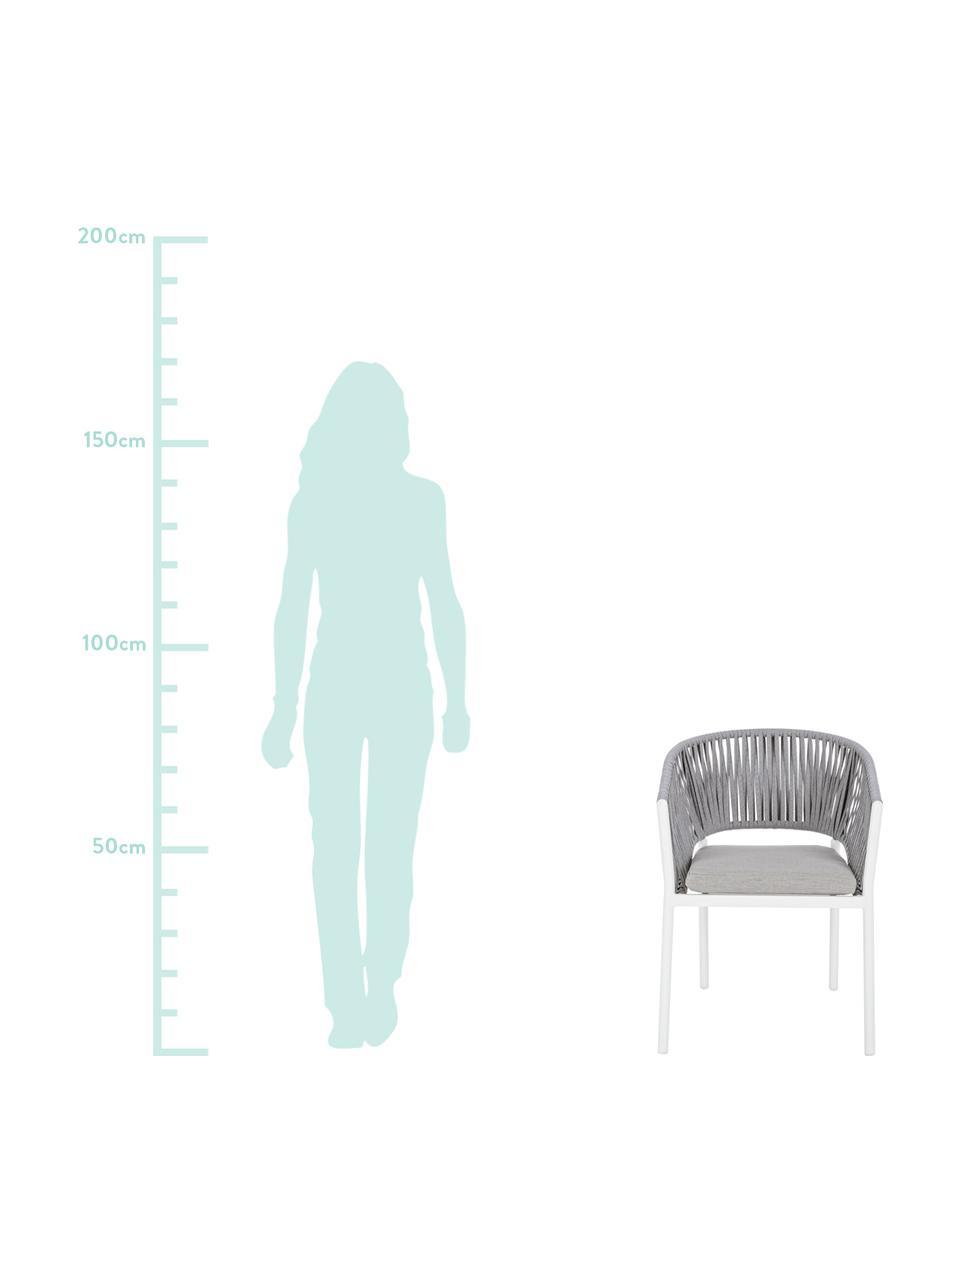 Gartenstuhl Florencia, stapelbar, Sitzkissen: 100% Polypropylen, Gestell: Aluminium, pulverbeschich, Weiß, 60 x 80 cm